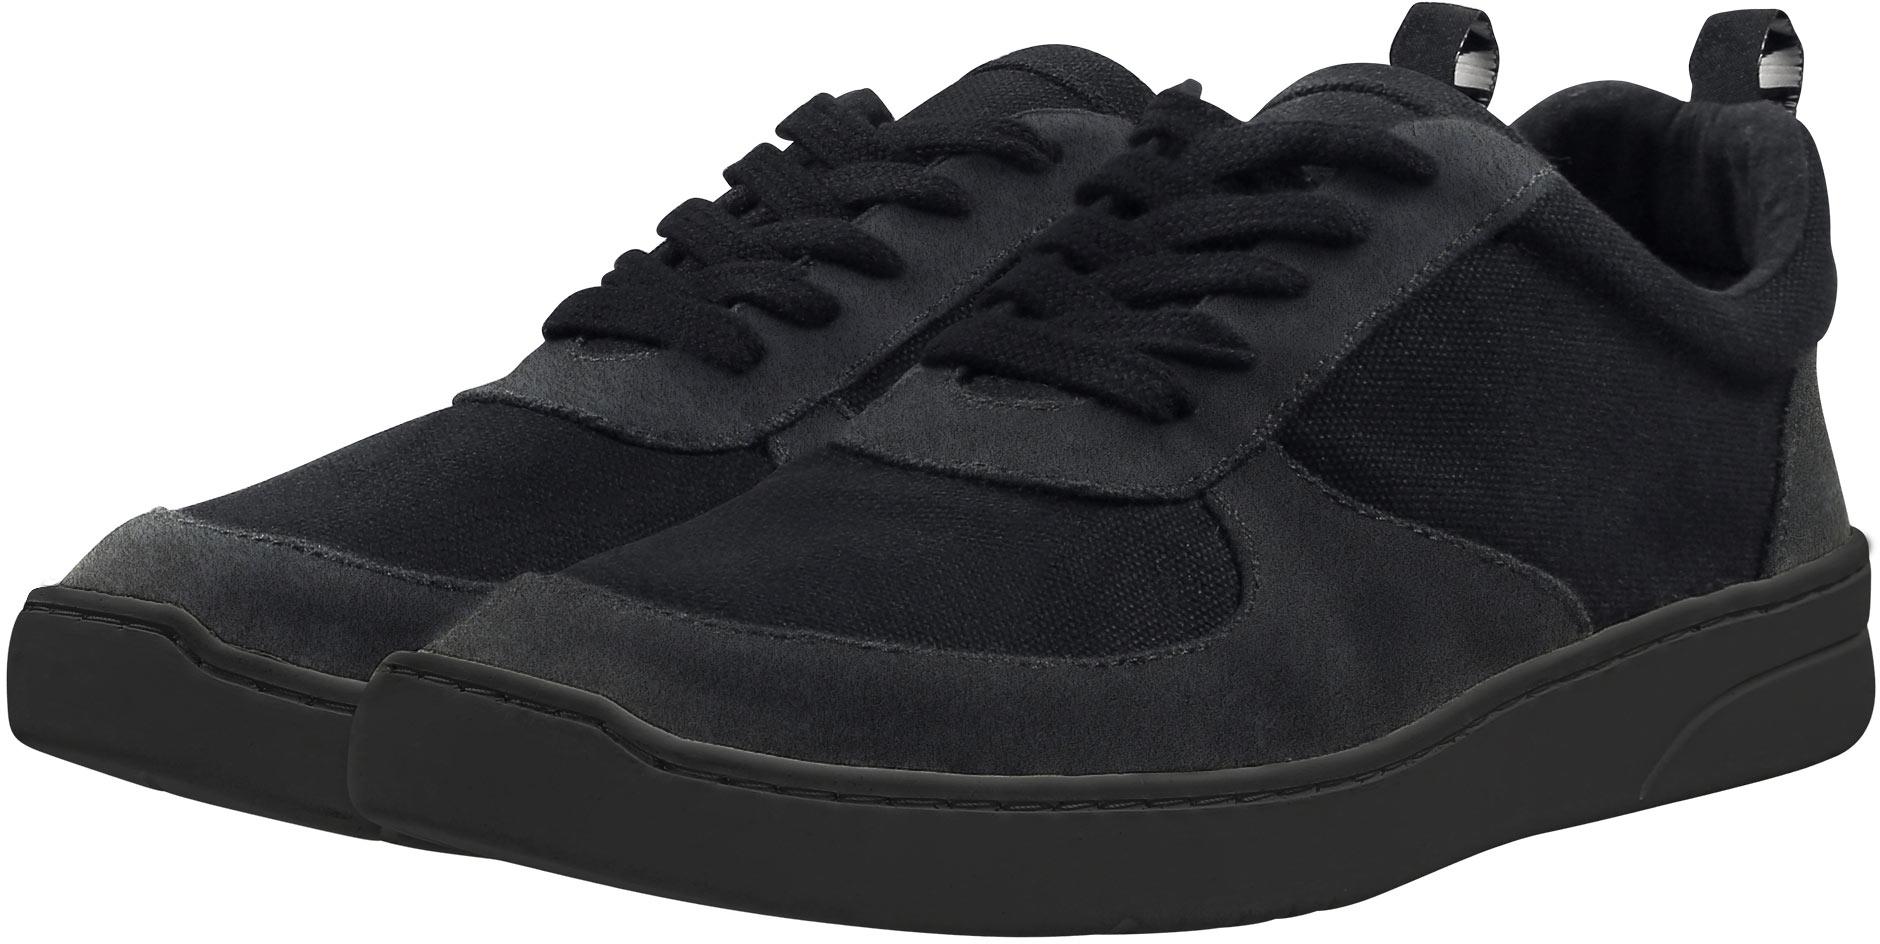 nike damen sneaker schwarz knöchelhoch 109 euro